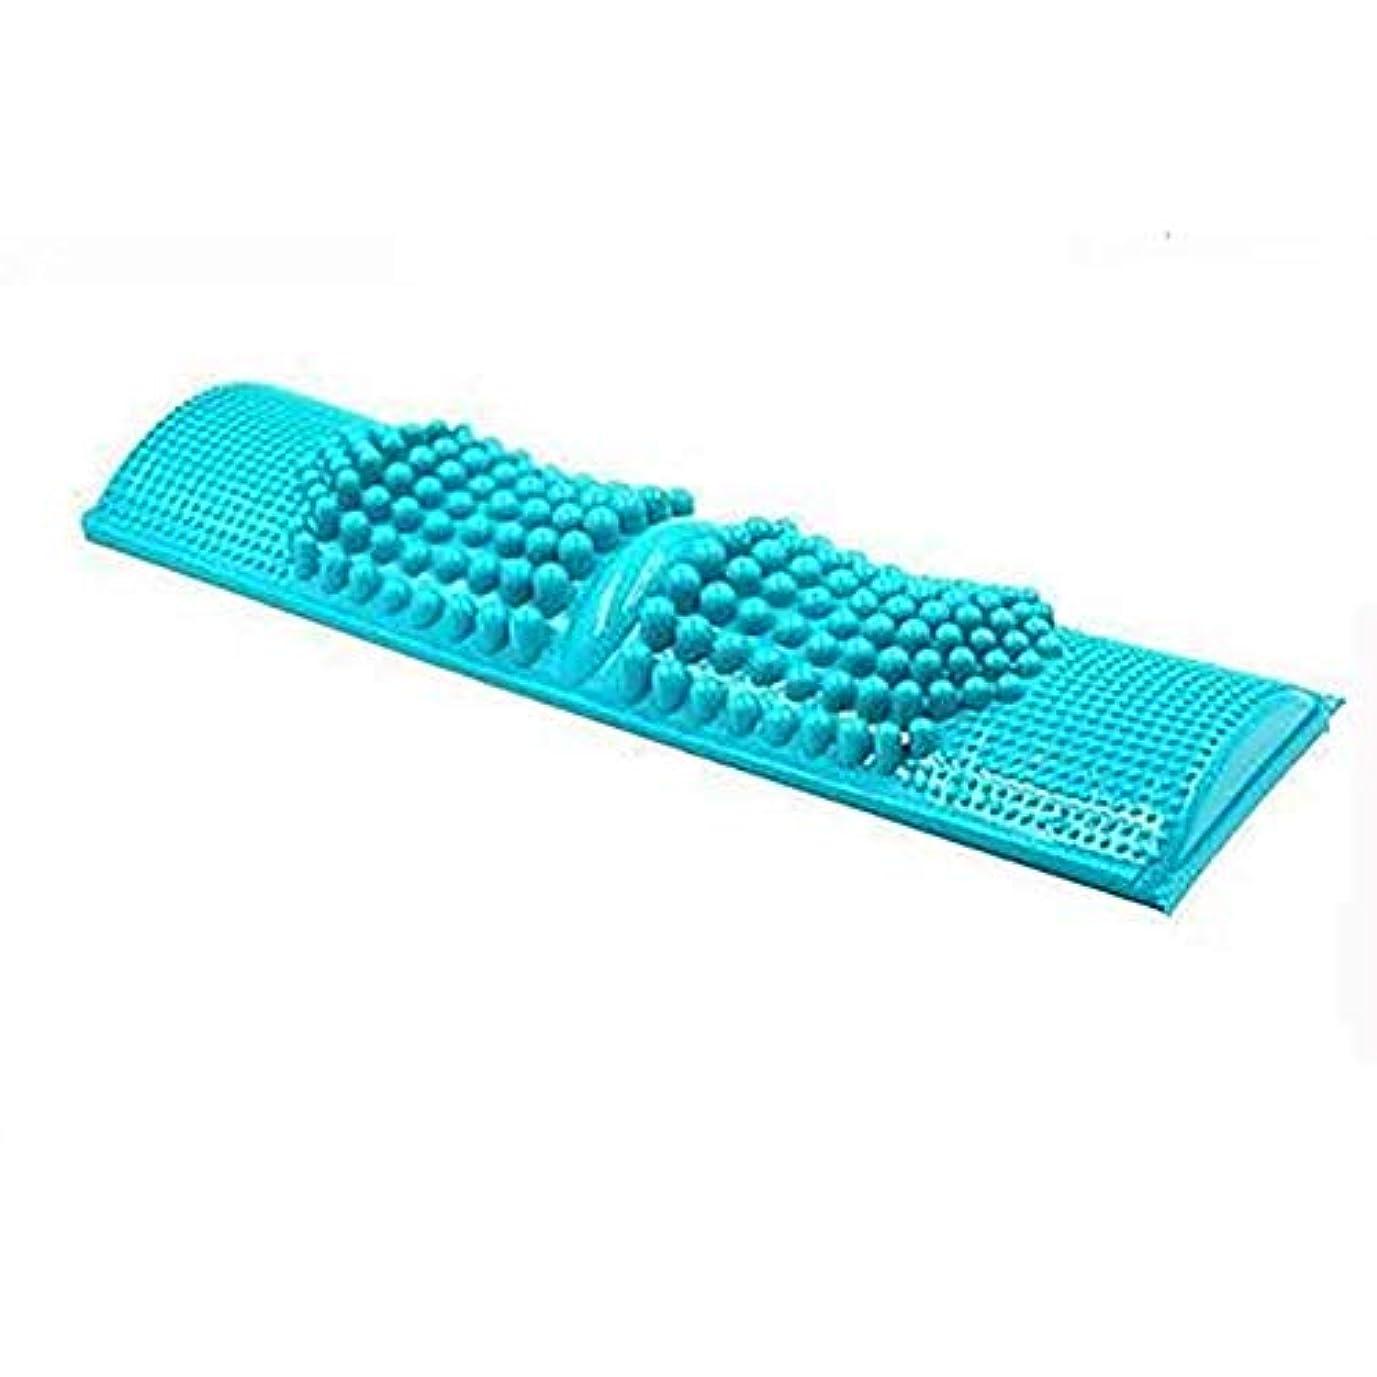 賃金平和な歯痛ZXCP 簡単に健康維持 BIGサイズ 足つぼマッサージ 【足つぼ対応表付き】 足 踏み 足裏 刺激 血行促進 (ブルー)